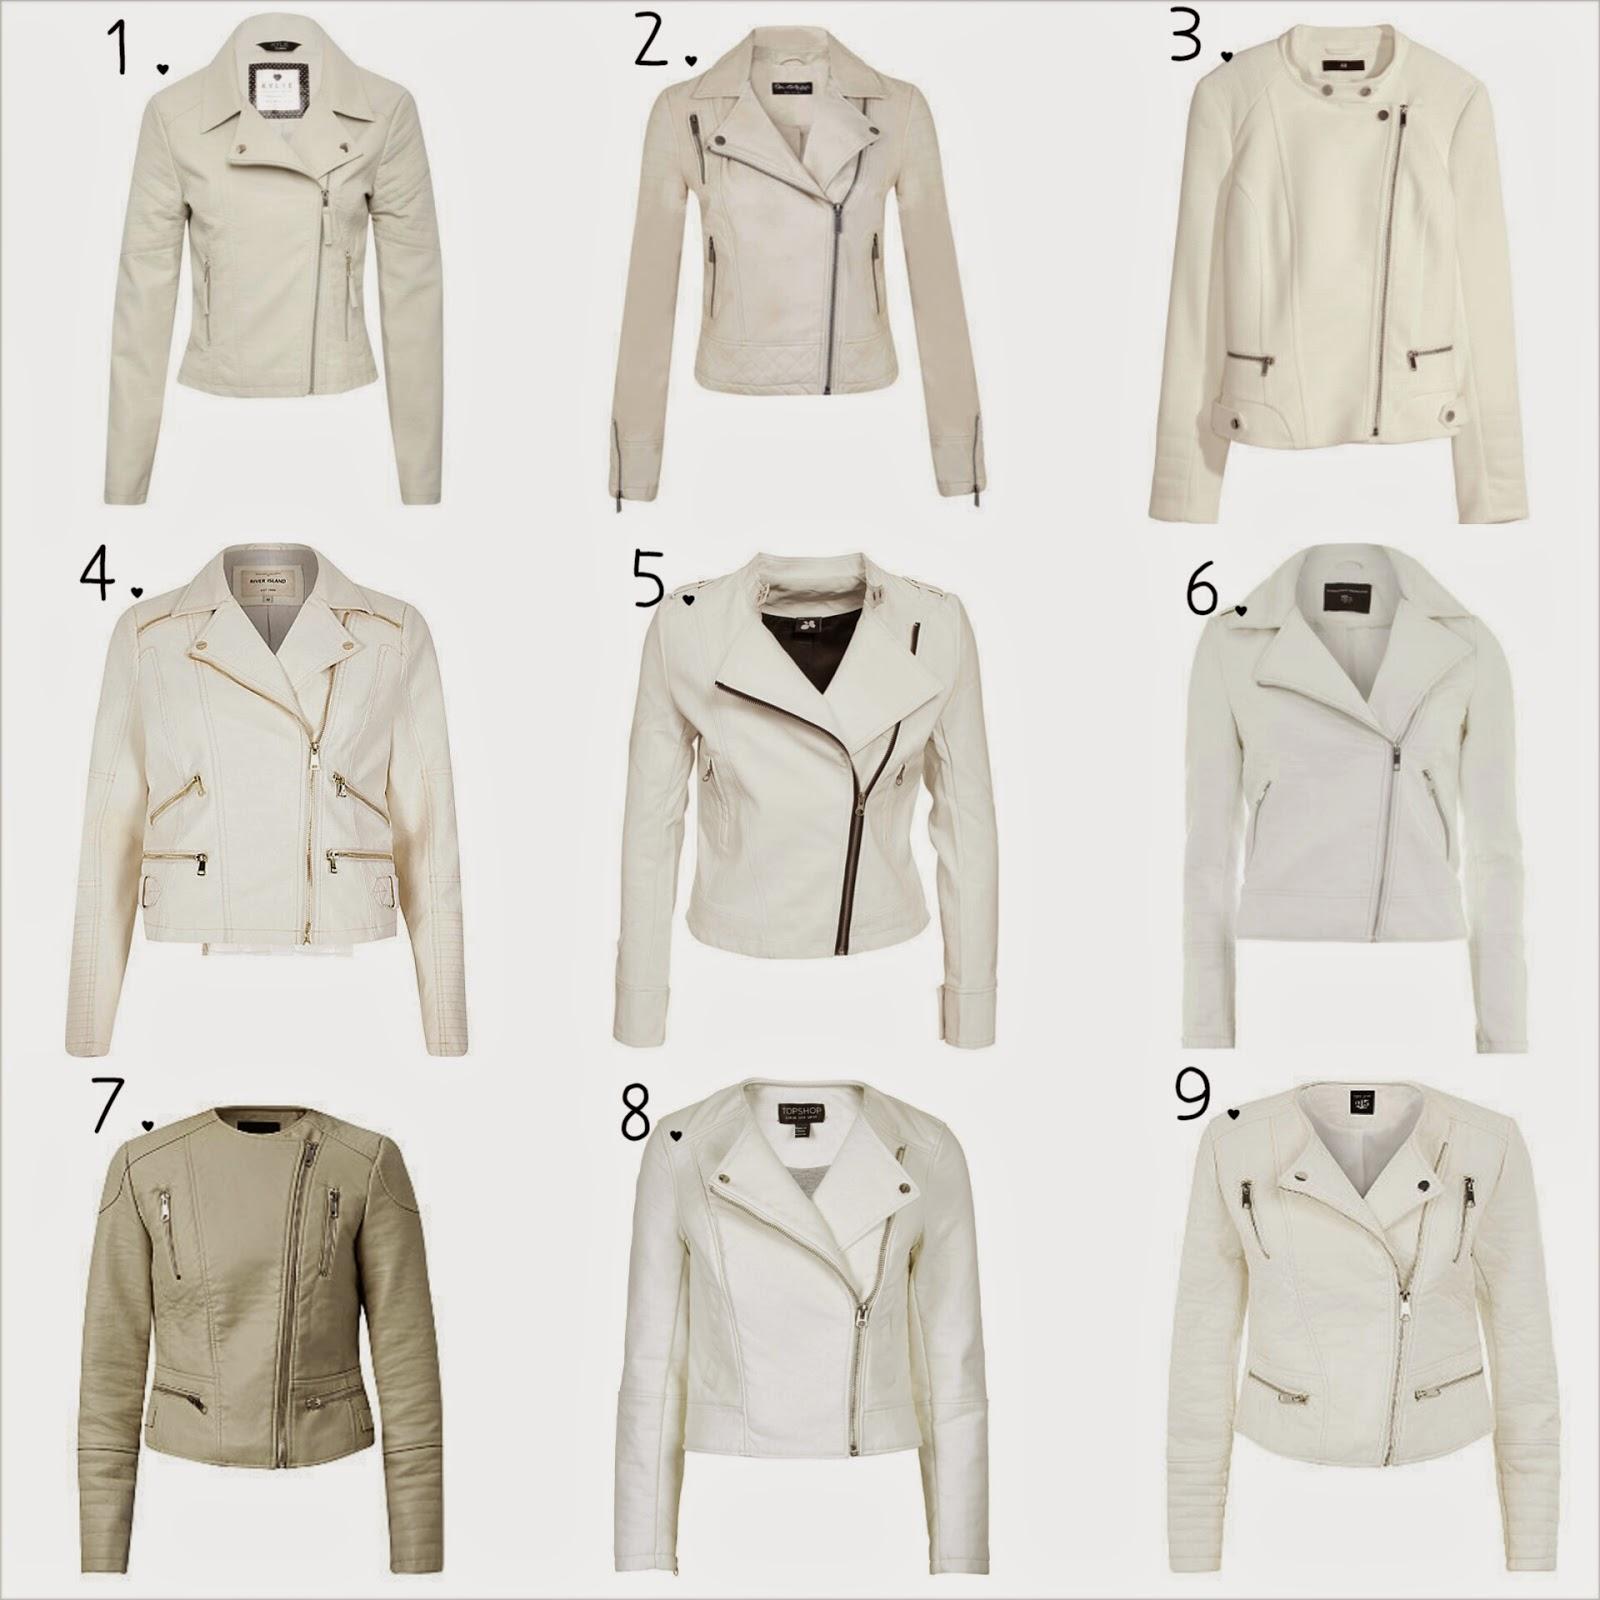 Leather jacket joyce manor lyrics - Leather Jacket Lyrics